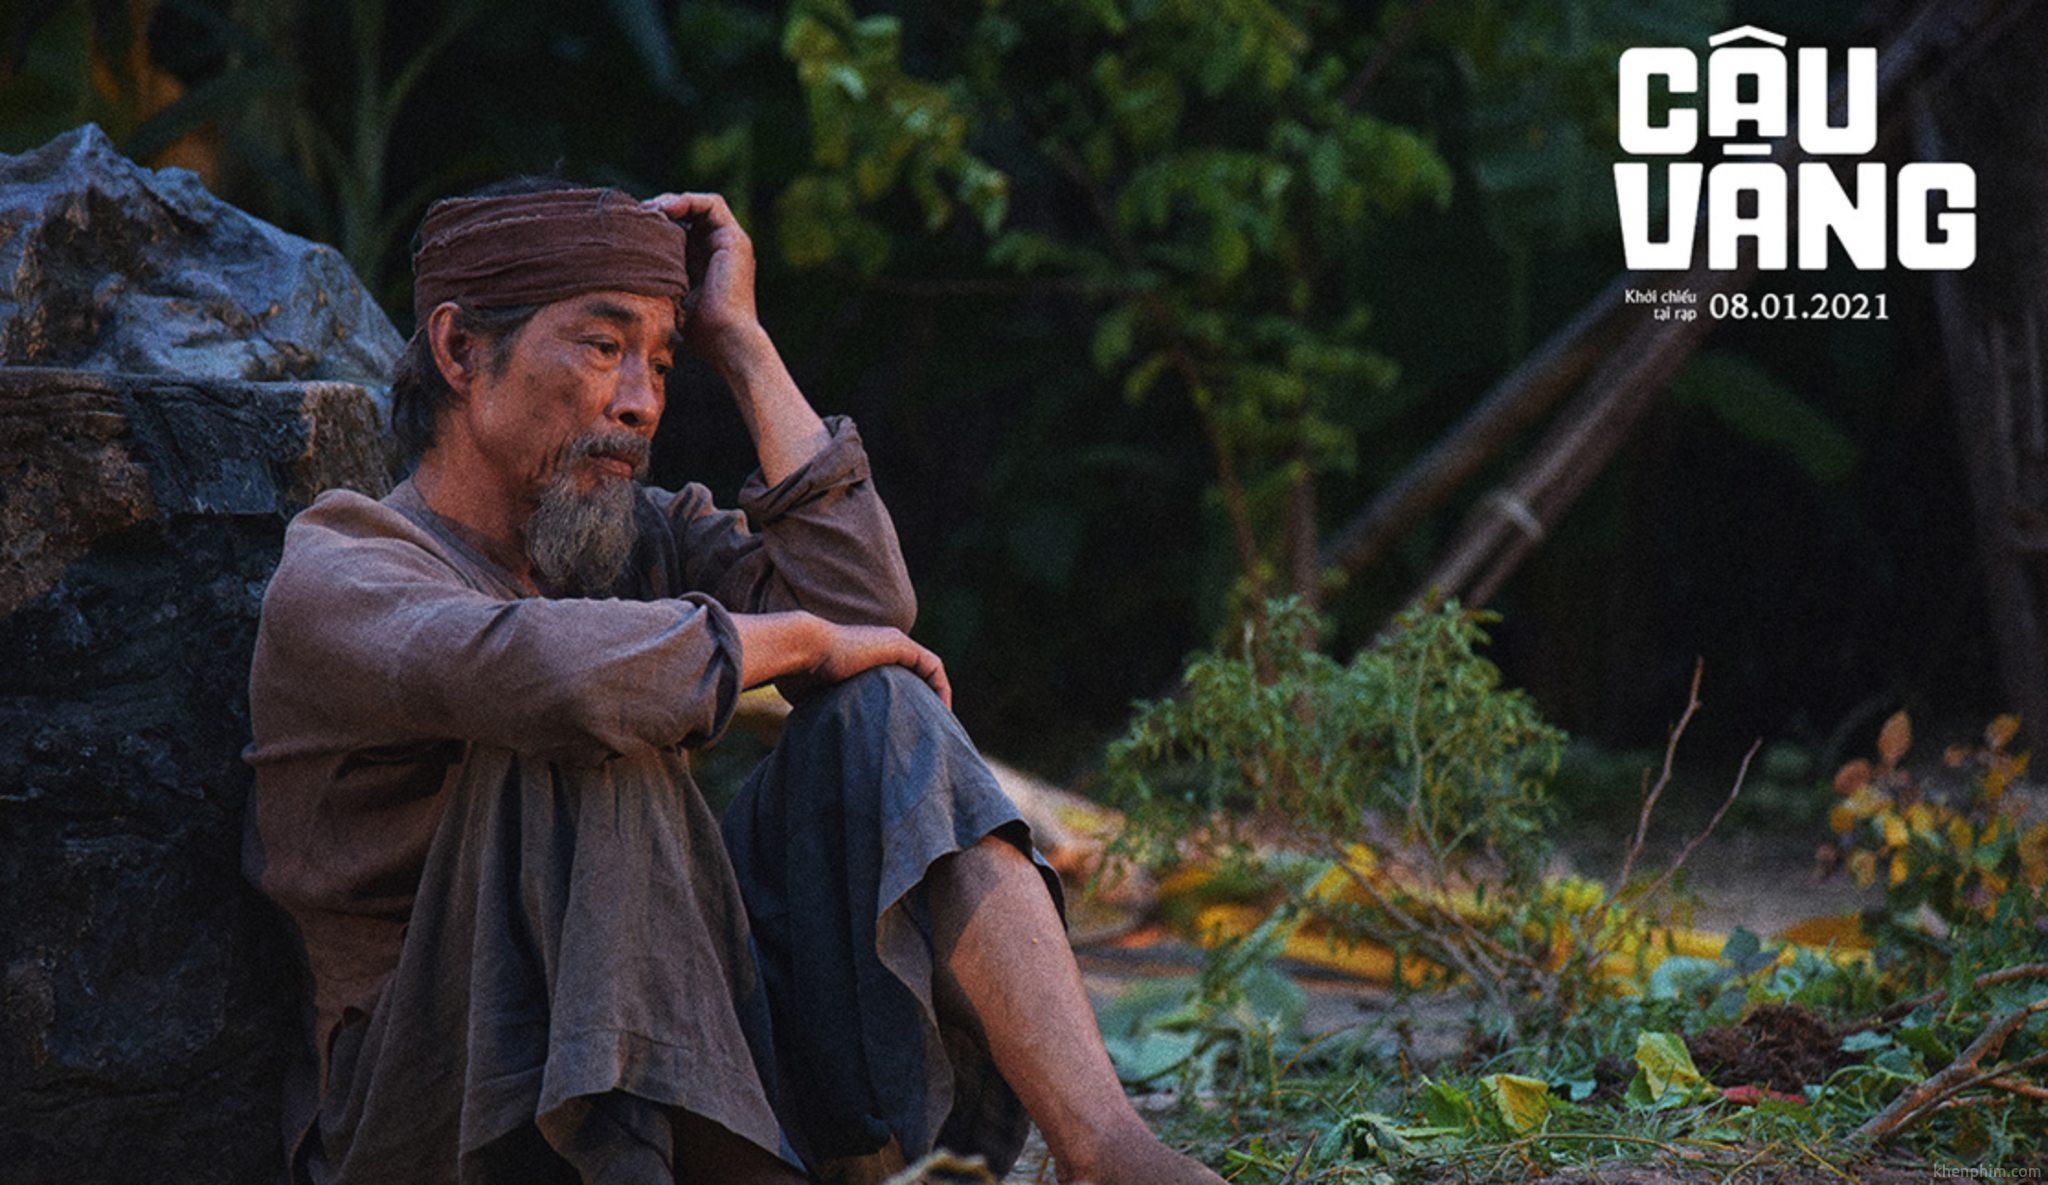 Nhân vật Lão Hạc trong phim Cậu Vàng